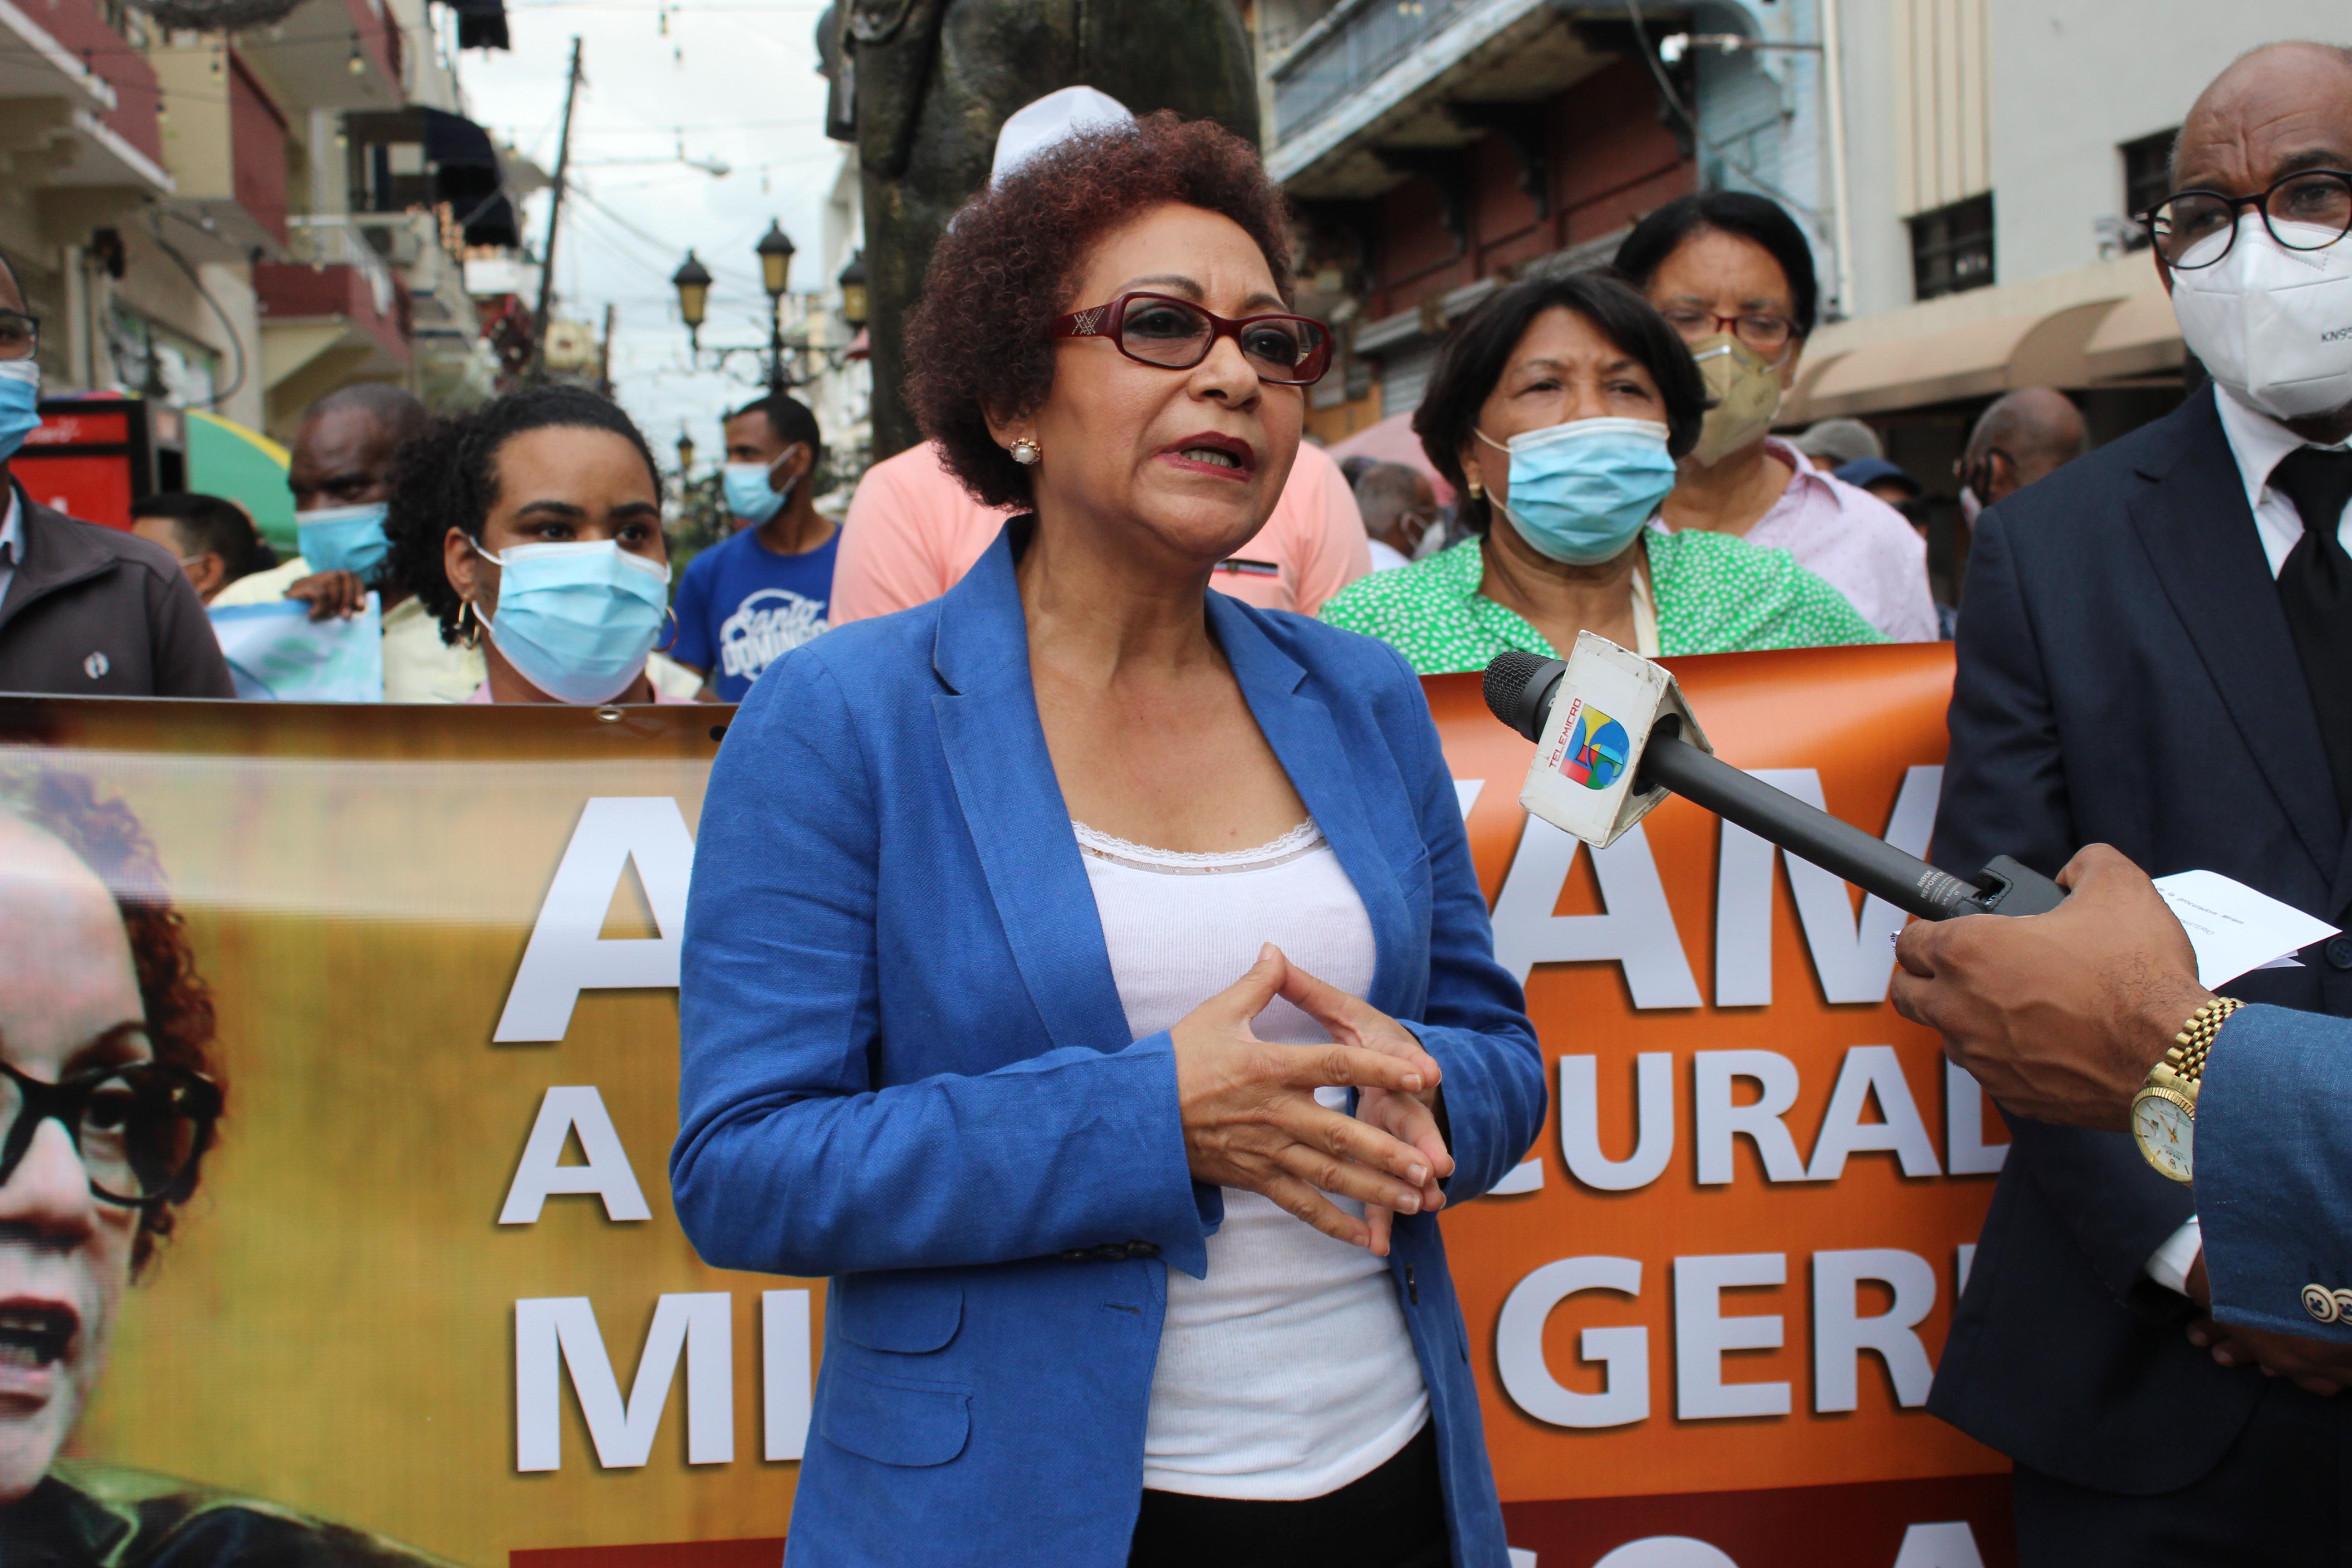 Respaldan acciones de la procuradora Miriam Germán contra exfuncionarios